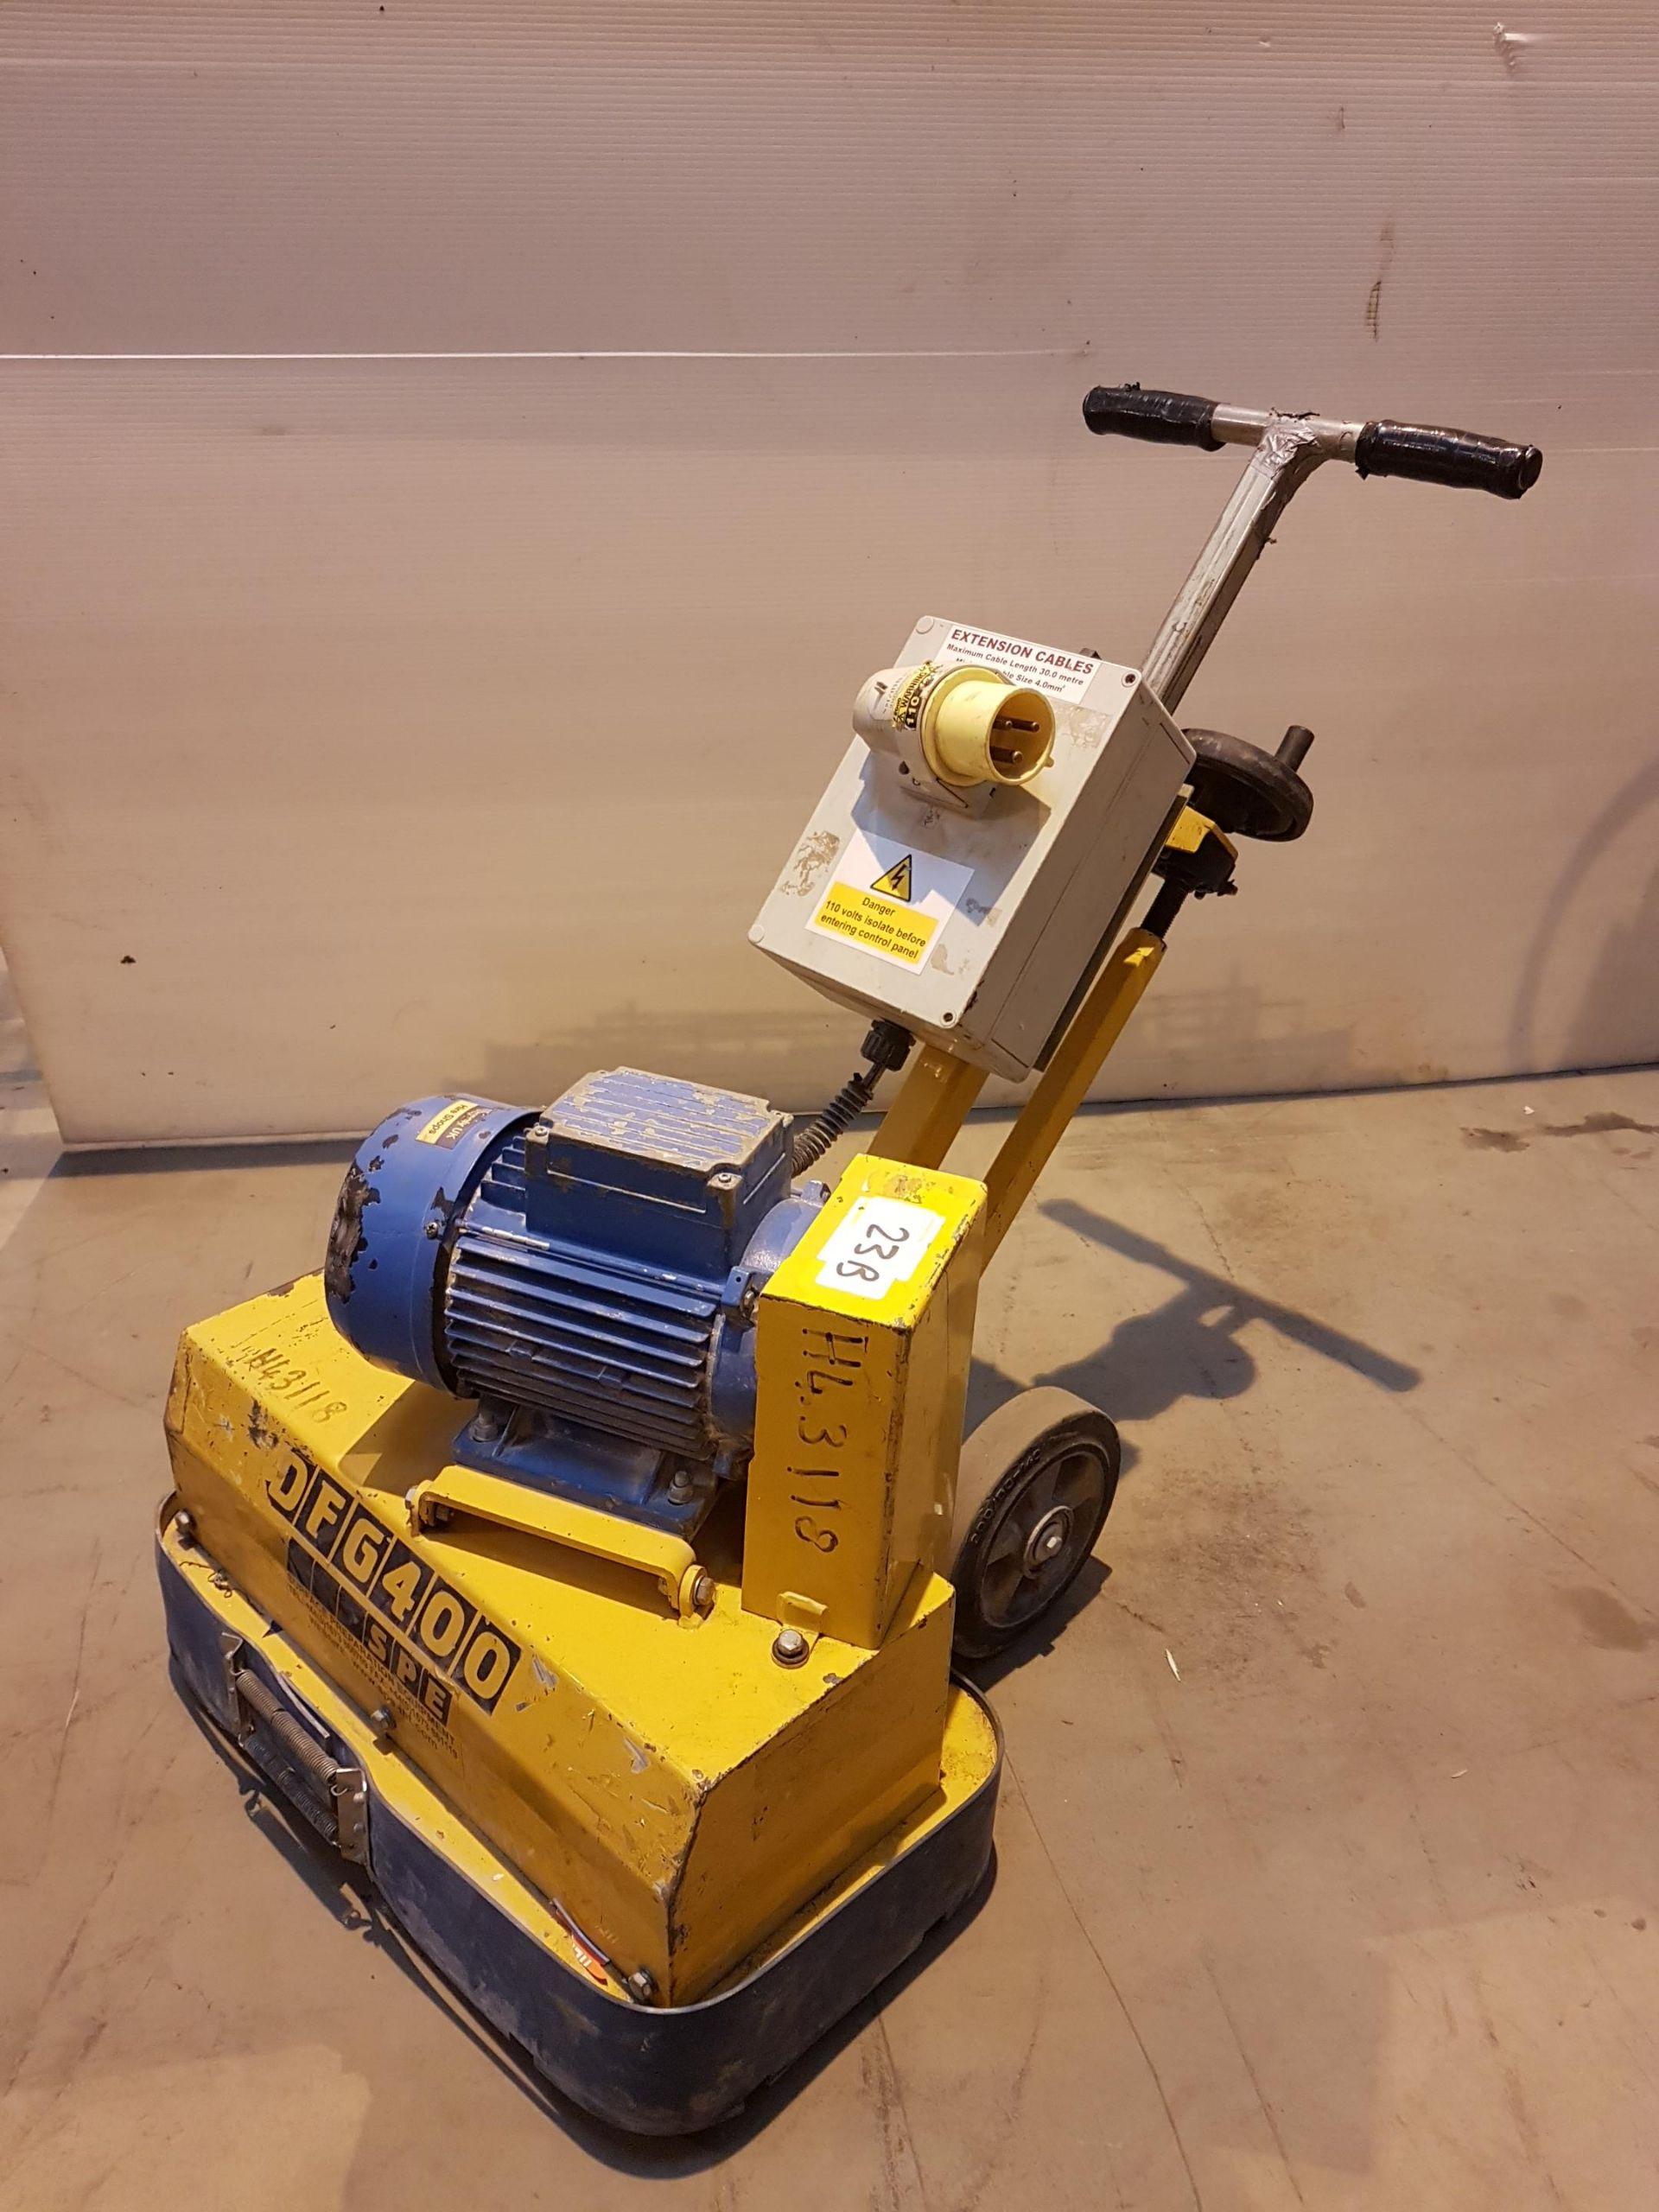 Lot 23 - DFG 400 110v Floor Grinder h43118, working